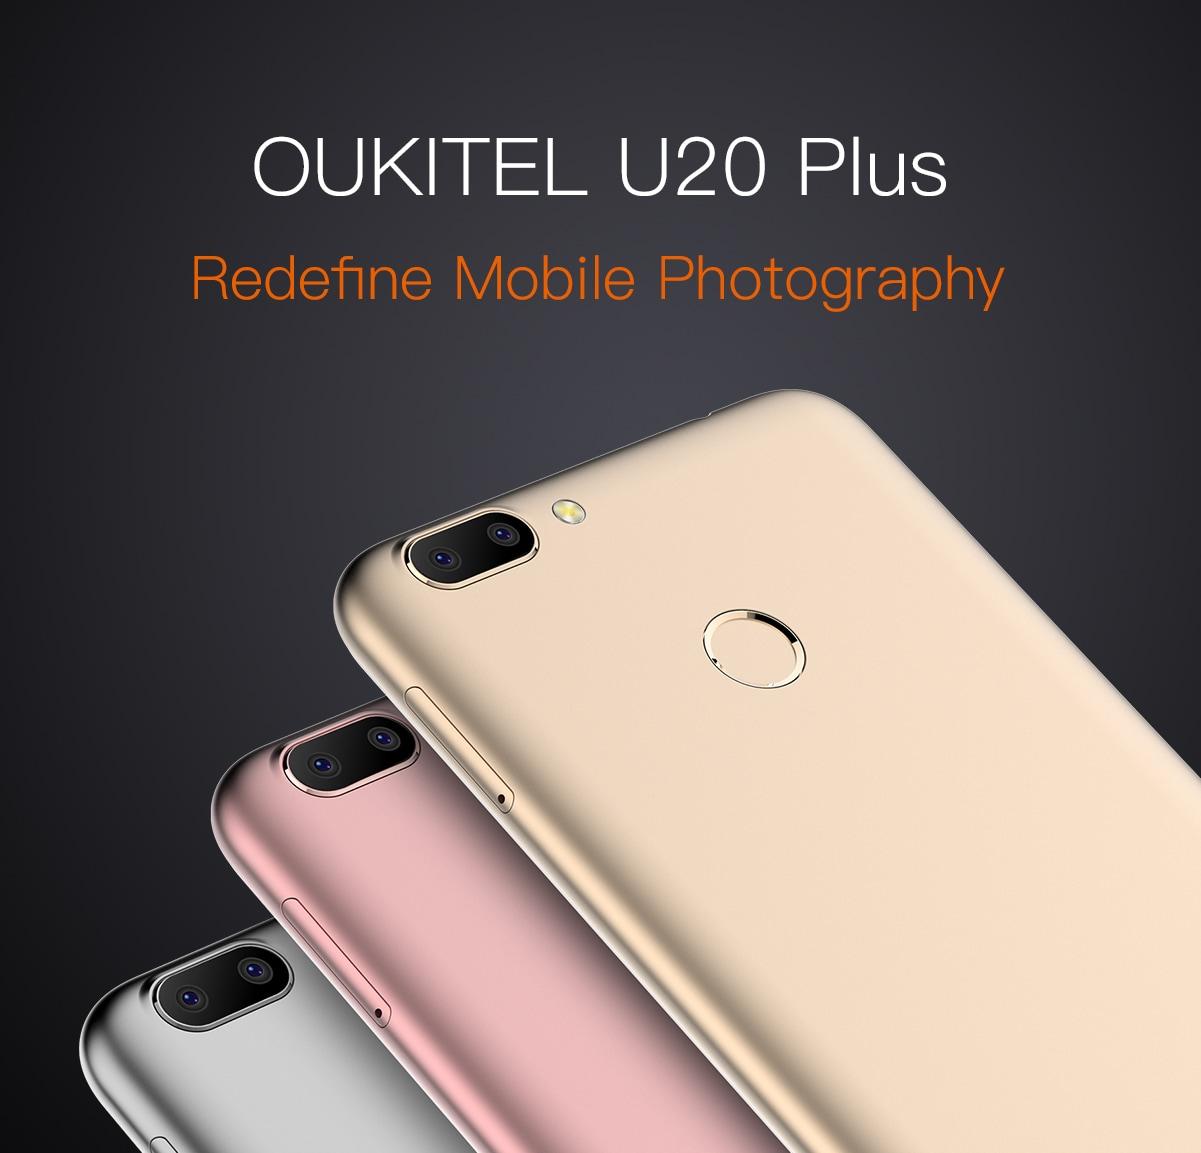 Oukitel U20 Plus arriverà questa settimana: nuove informazioni e prezzo (foto)